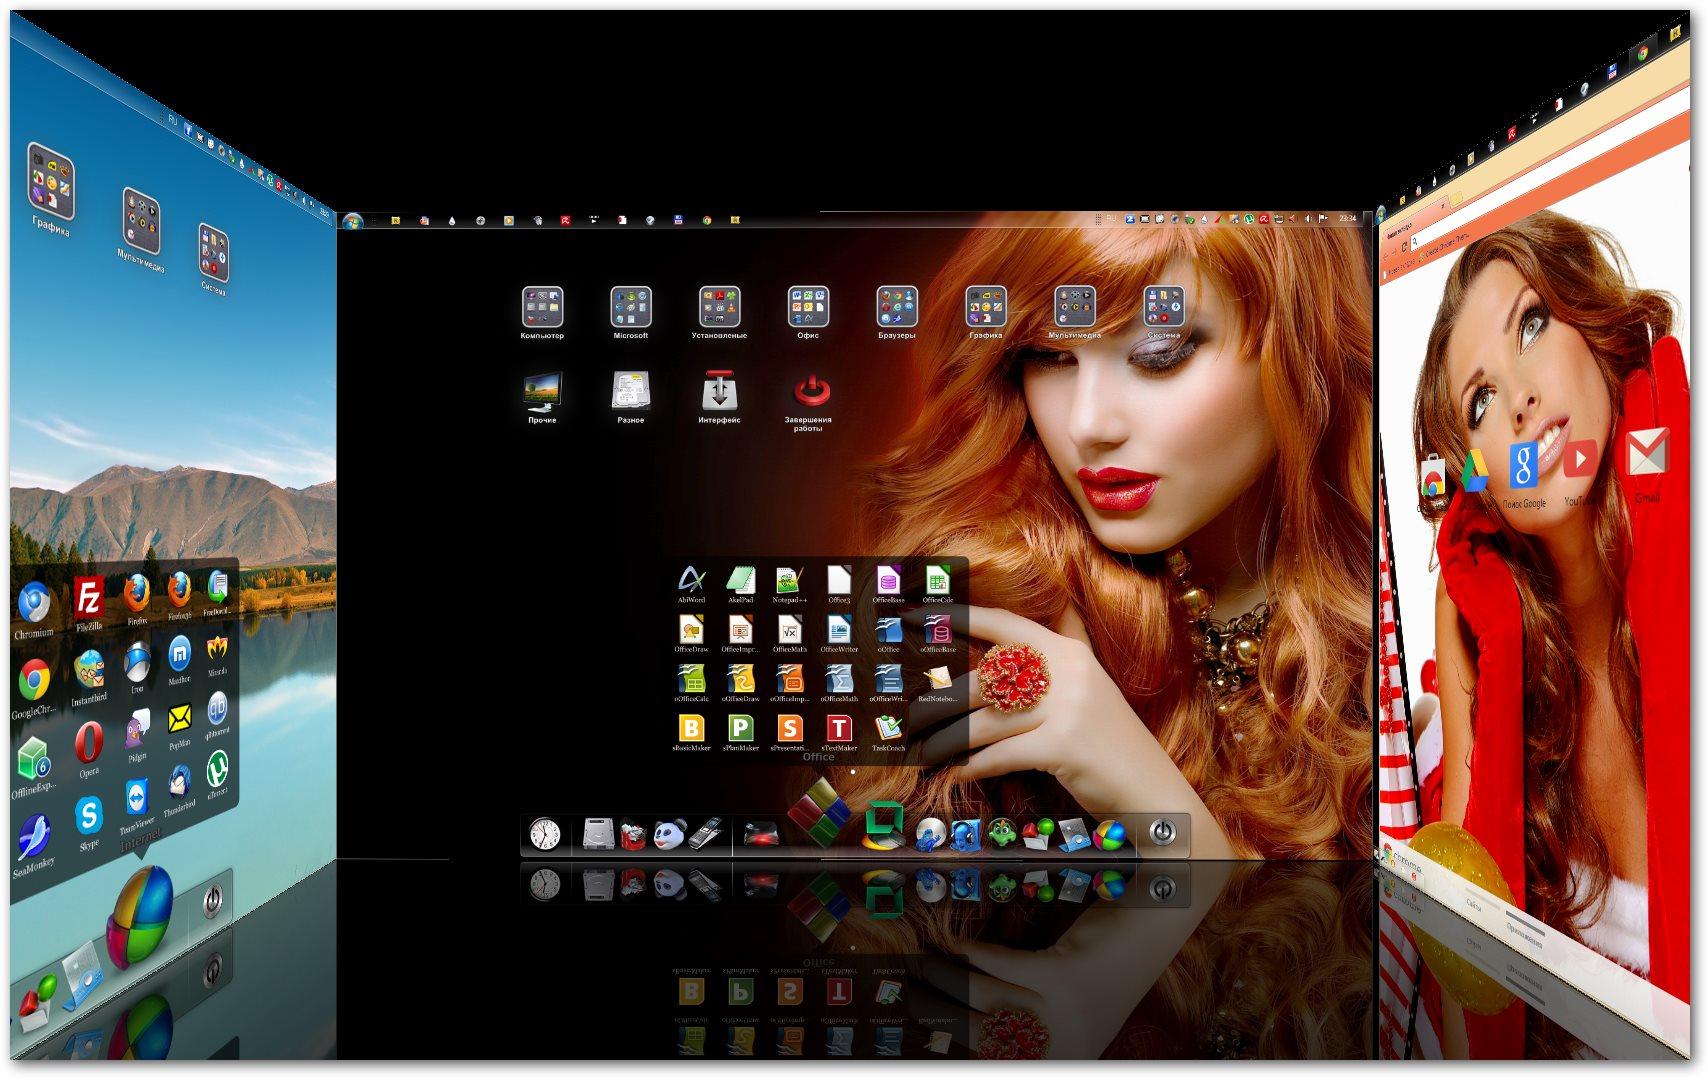 Shock 4Way 3D 1.29 RUS скачать бесплатно - рабочий стол 3D